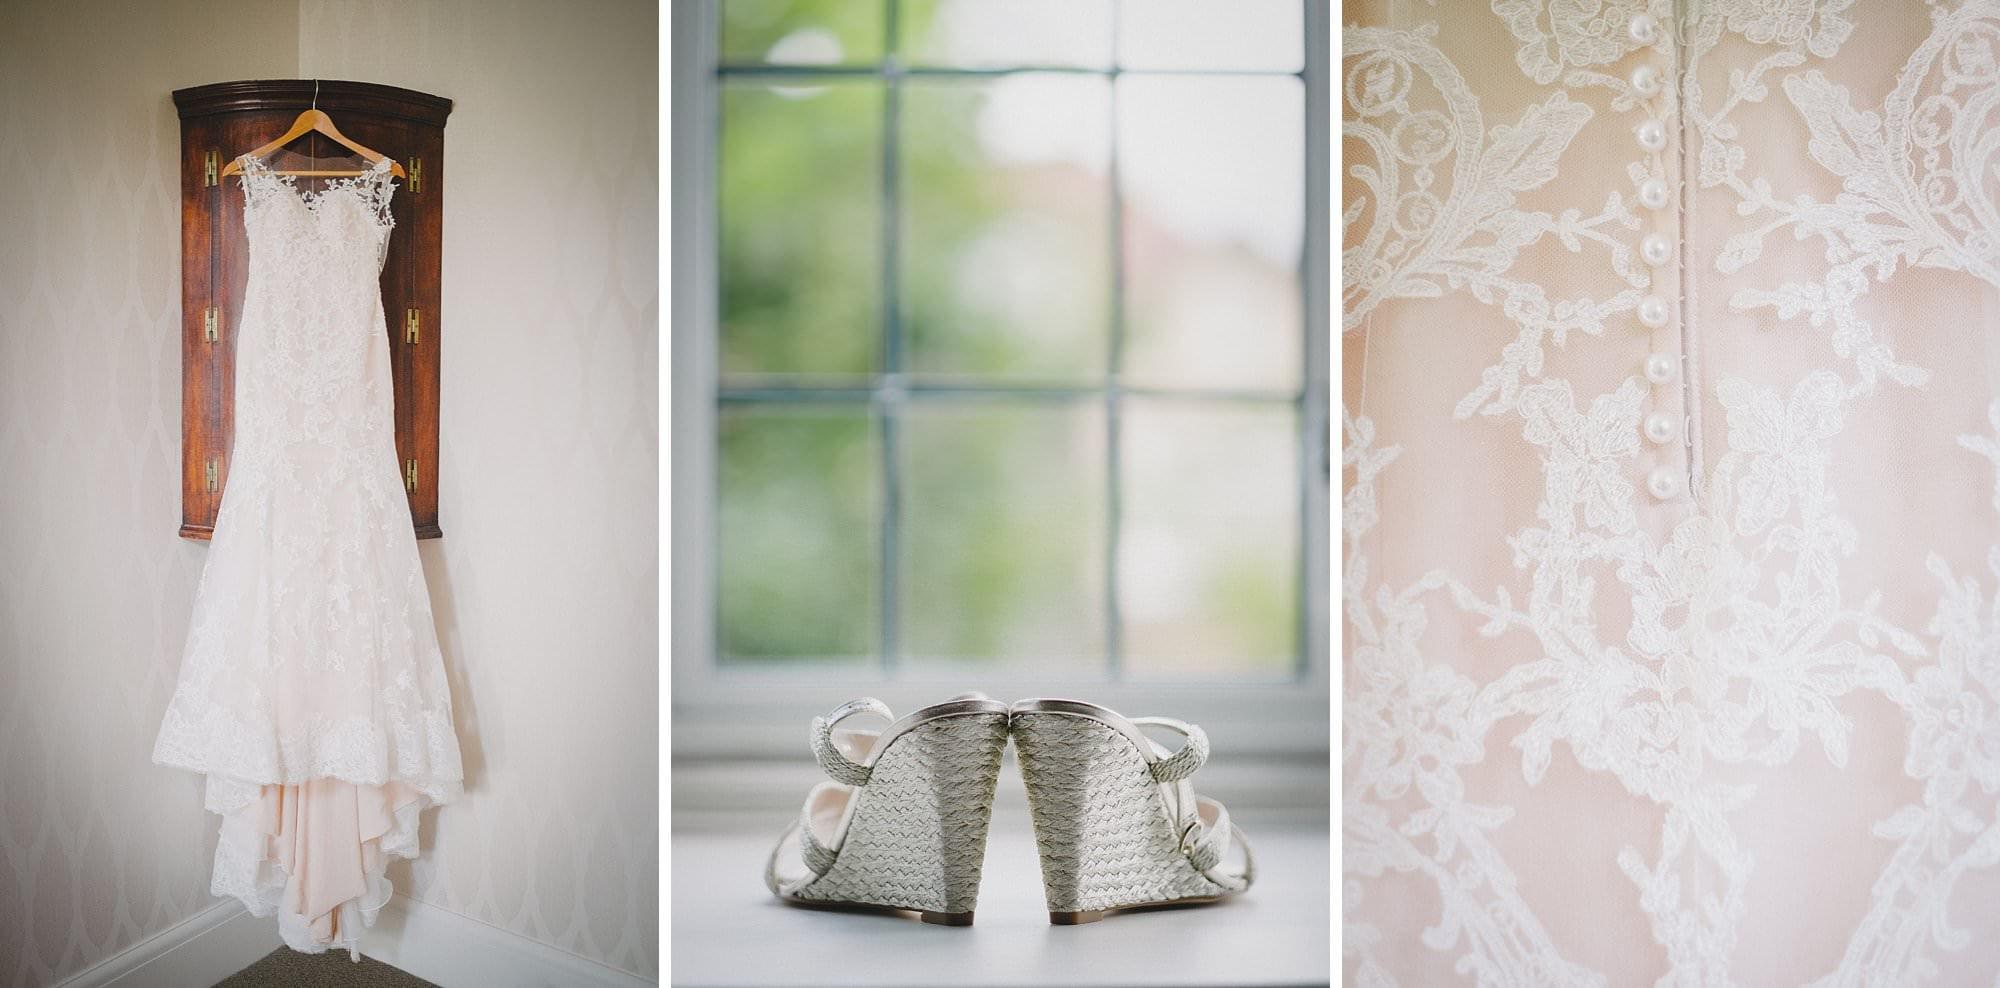 fulham palace wedding photographer 019 - Rosanna & Duncan's Fulham Palace Wedding